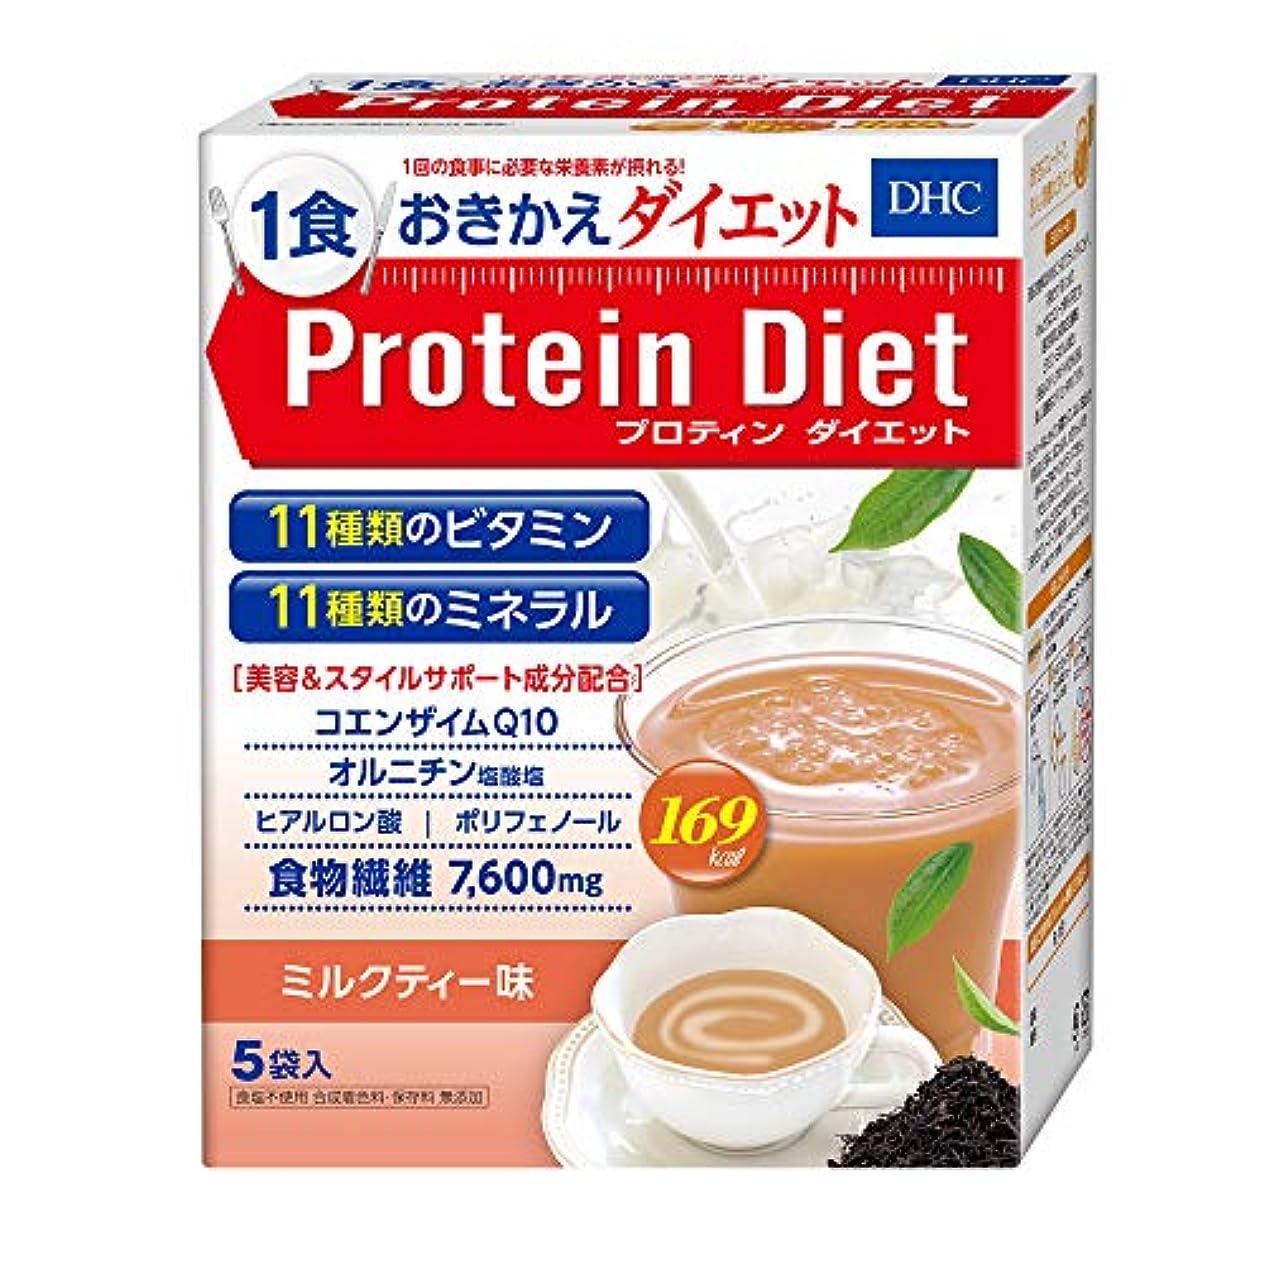 浴室太鼓腹顔料DHCプロティンダイエット(ミルクティー味)